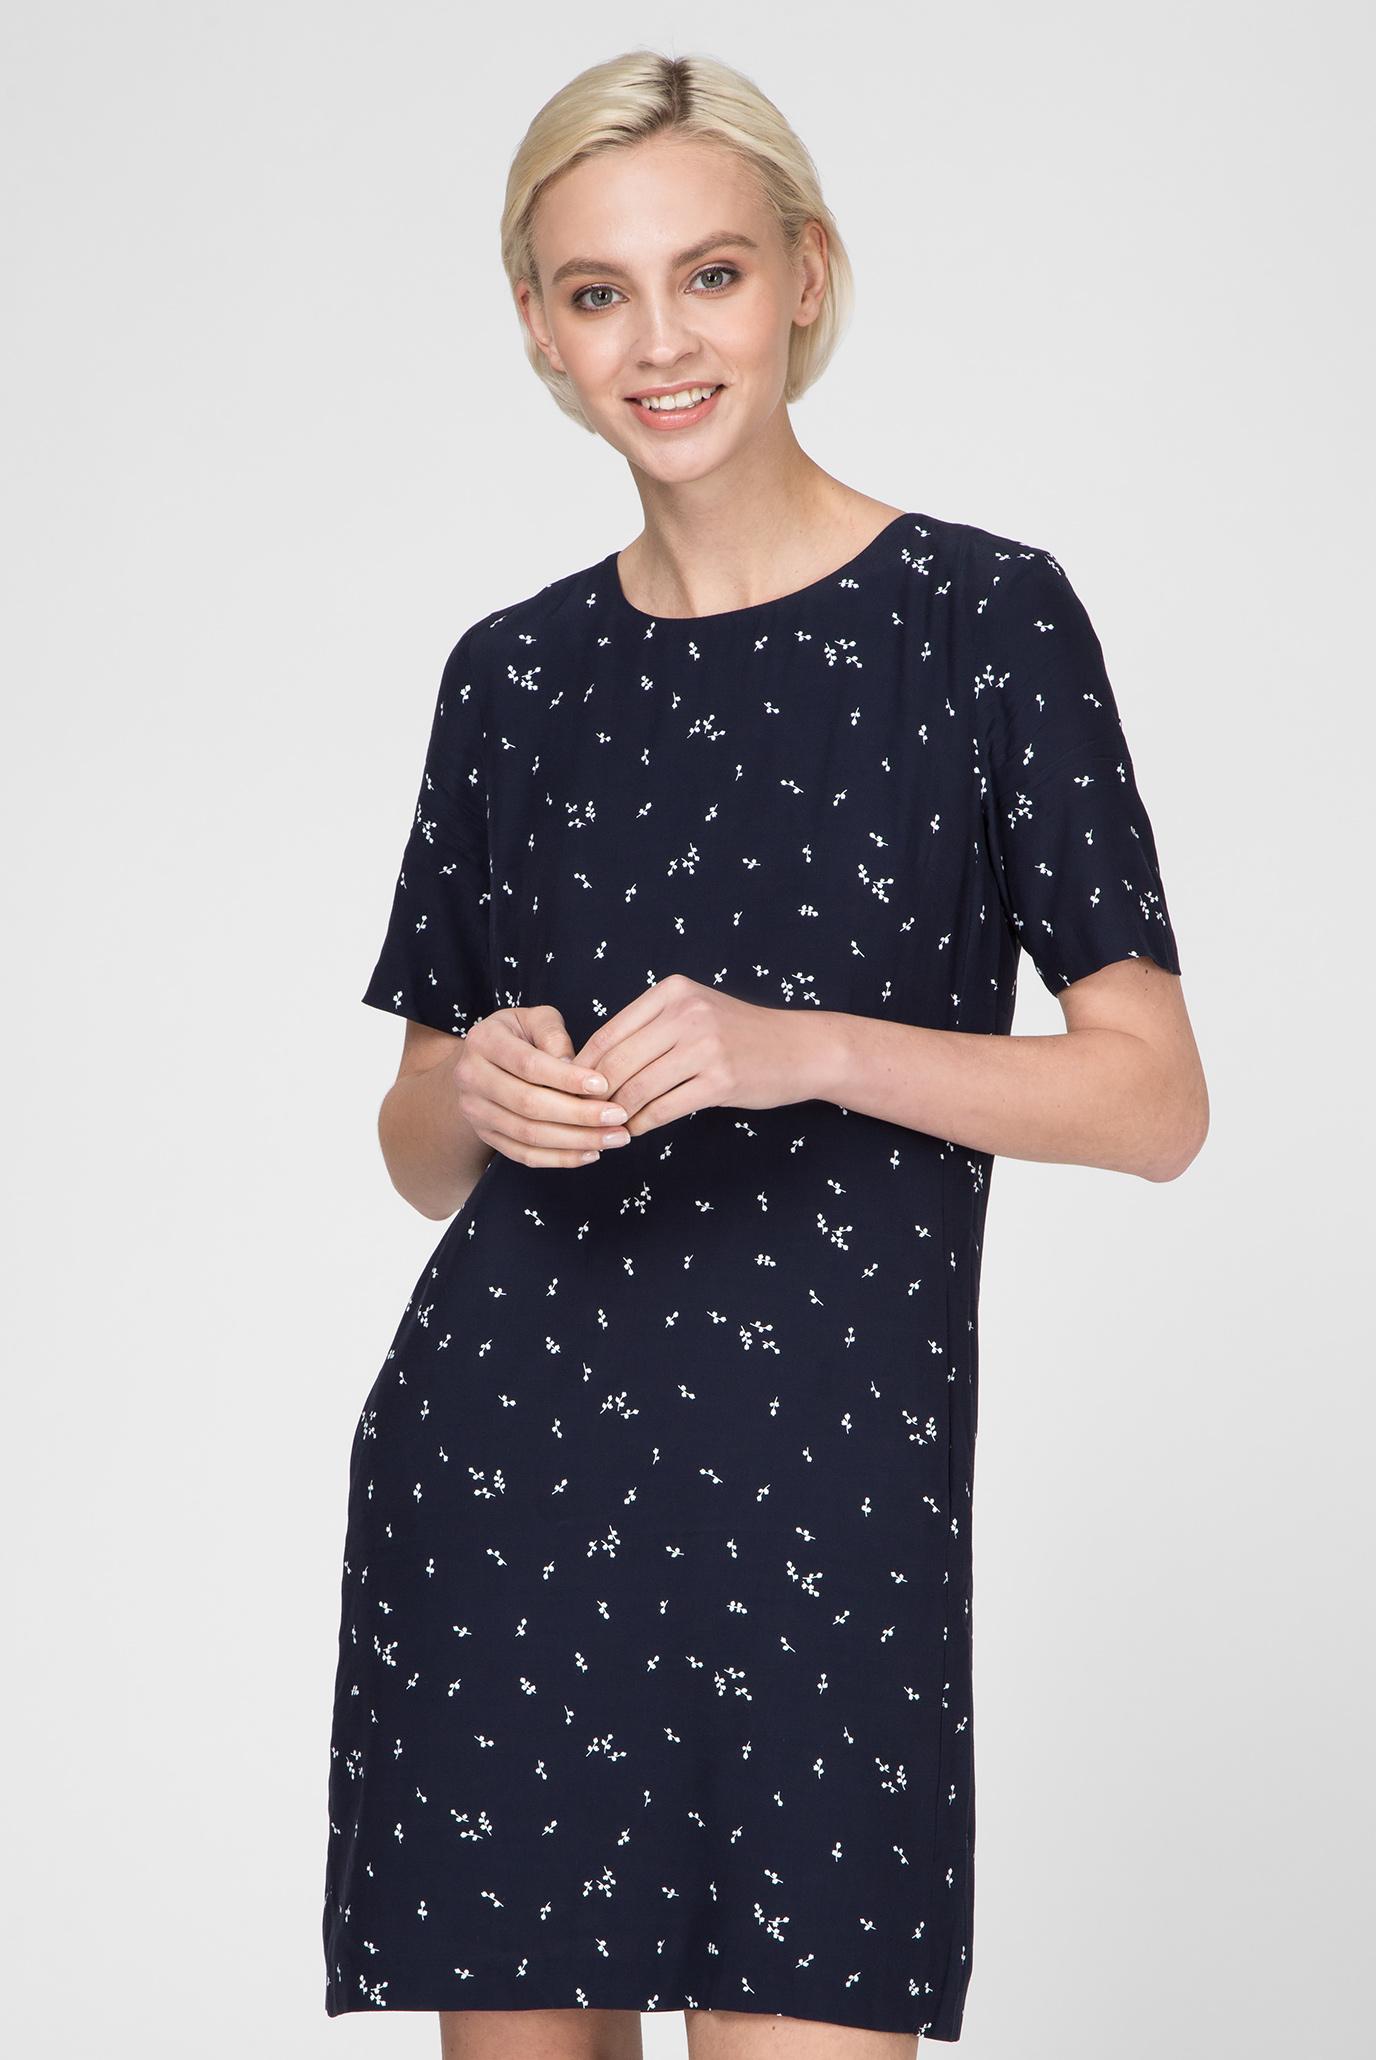 53b775e2a2af Купить Женское темно-синее платье MICROFLOWER PRINT Gant Gant ...